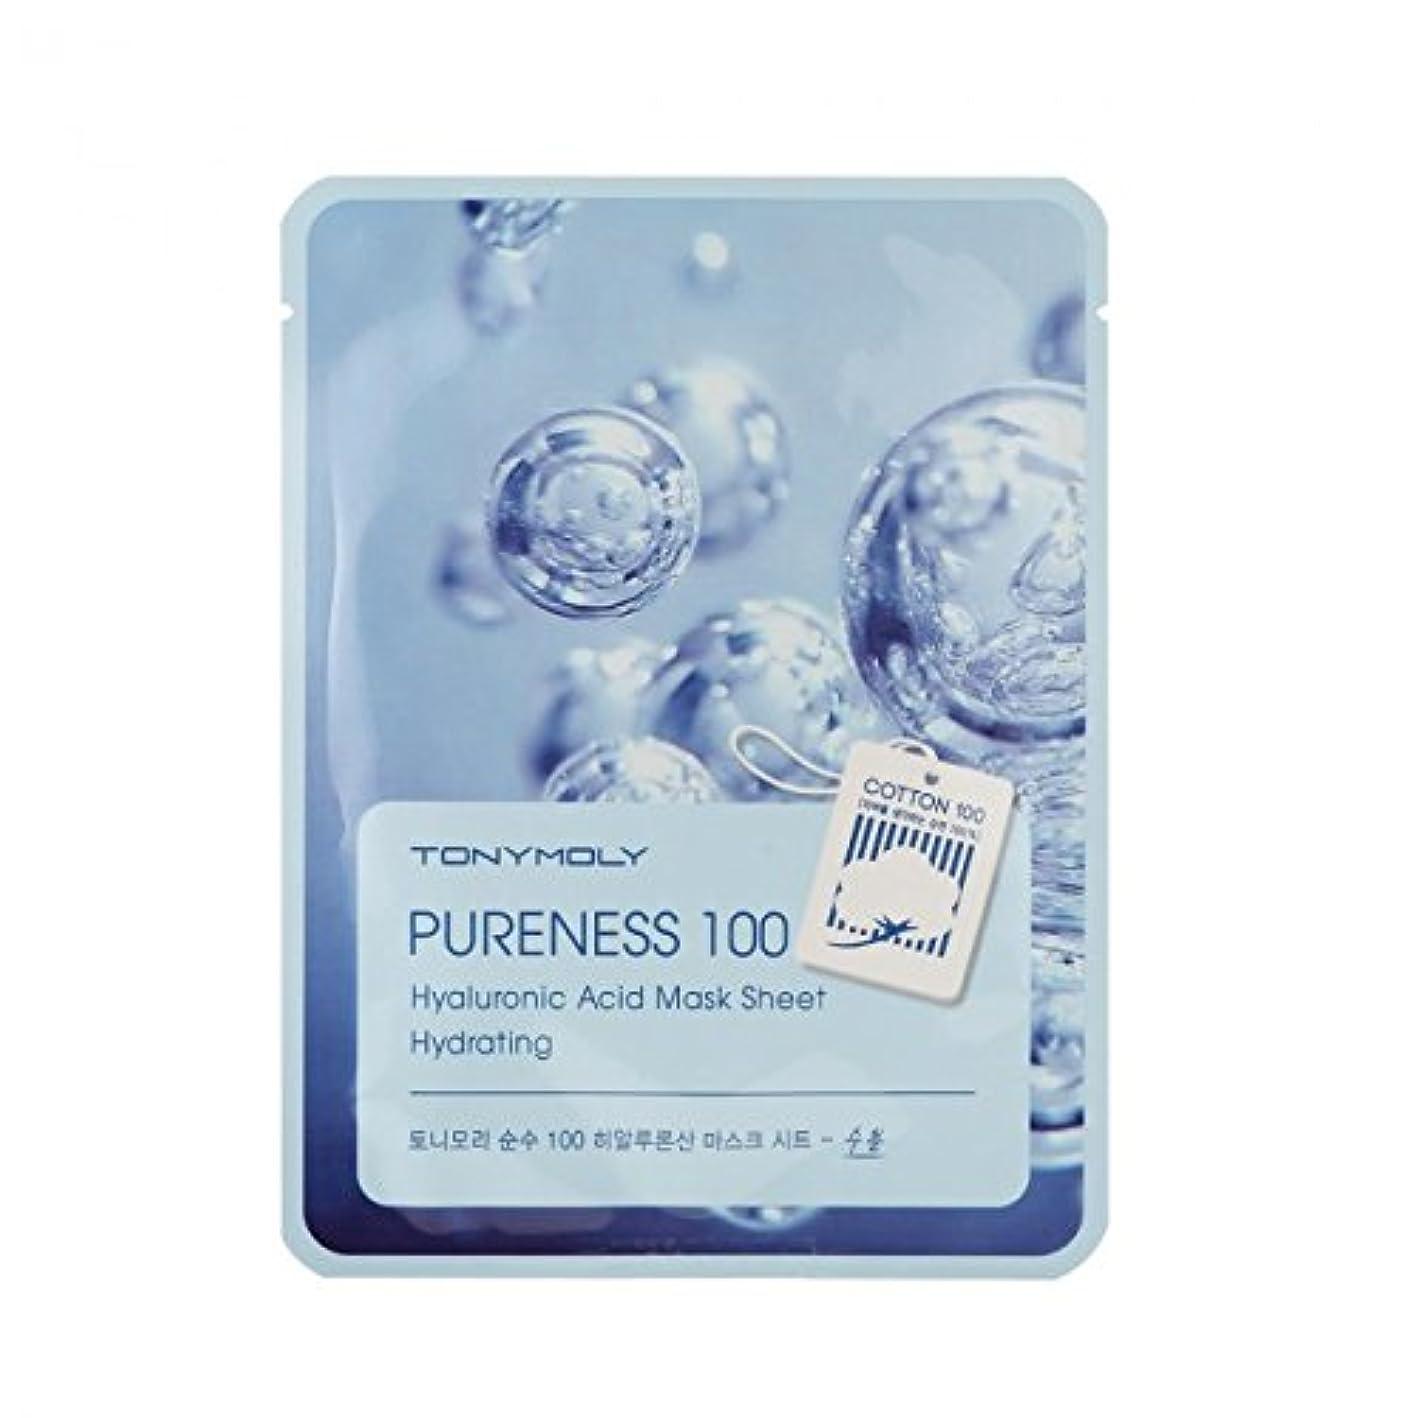 チャーミング入植者ストライドTONYMOLY Pureness 100 Hyaluronic Acid Mask Sheet Hydrating (並行輸入品)